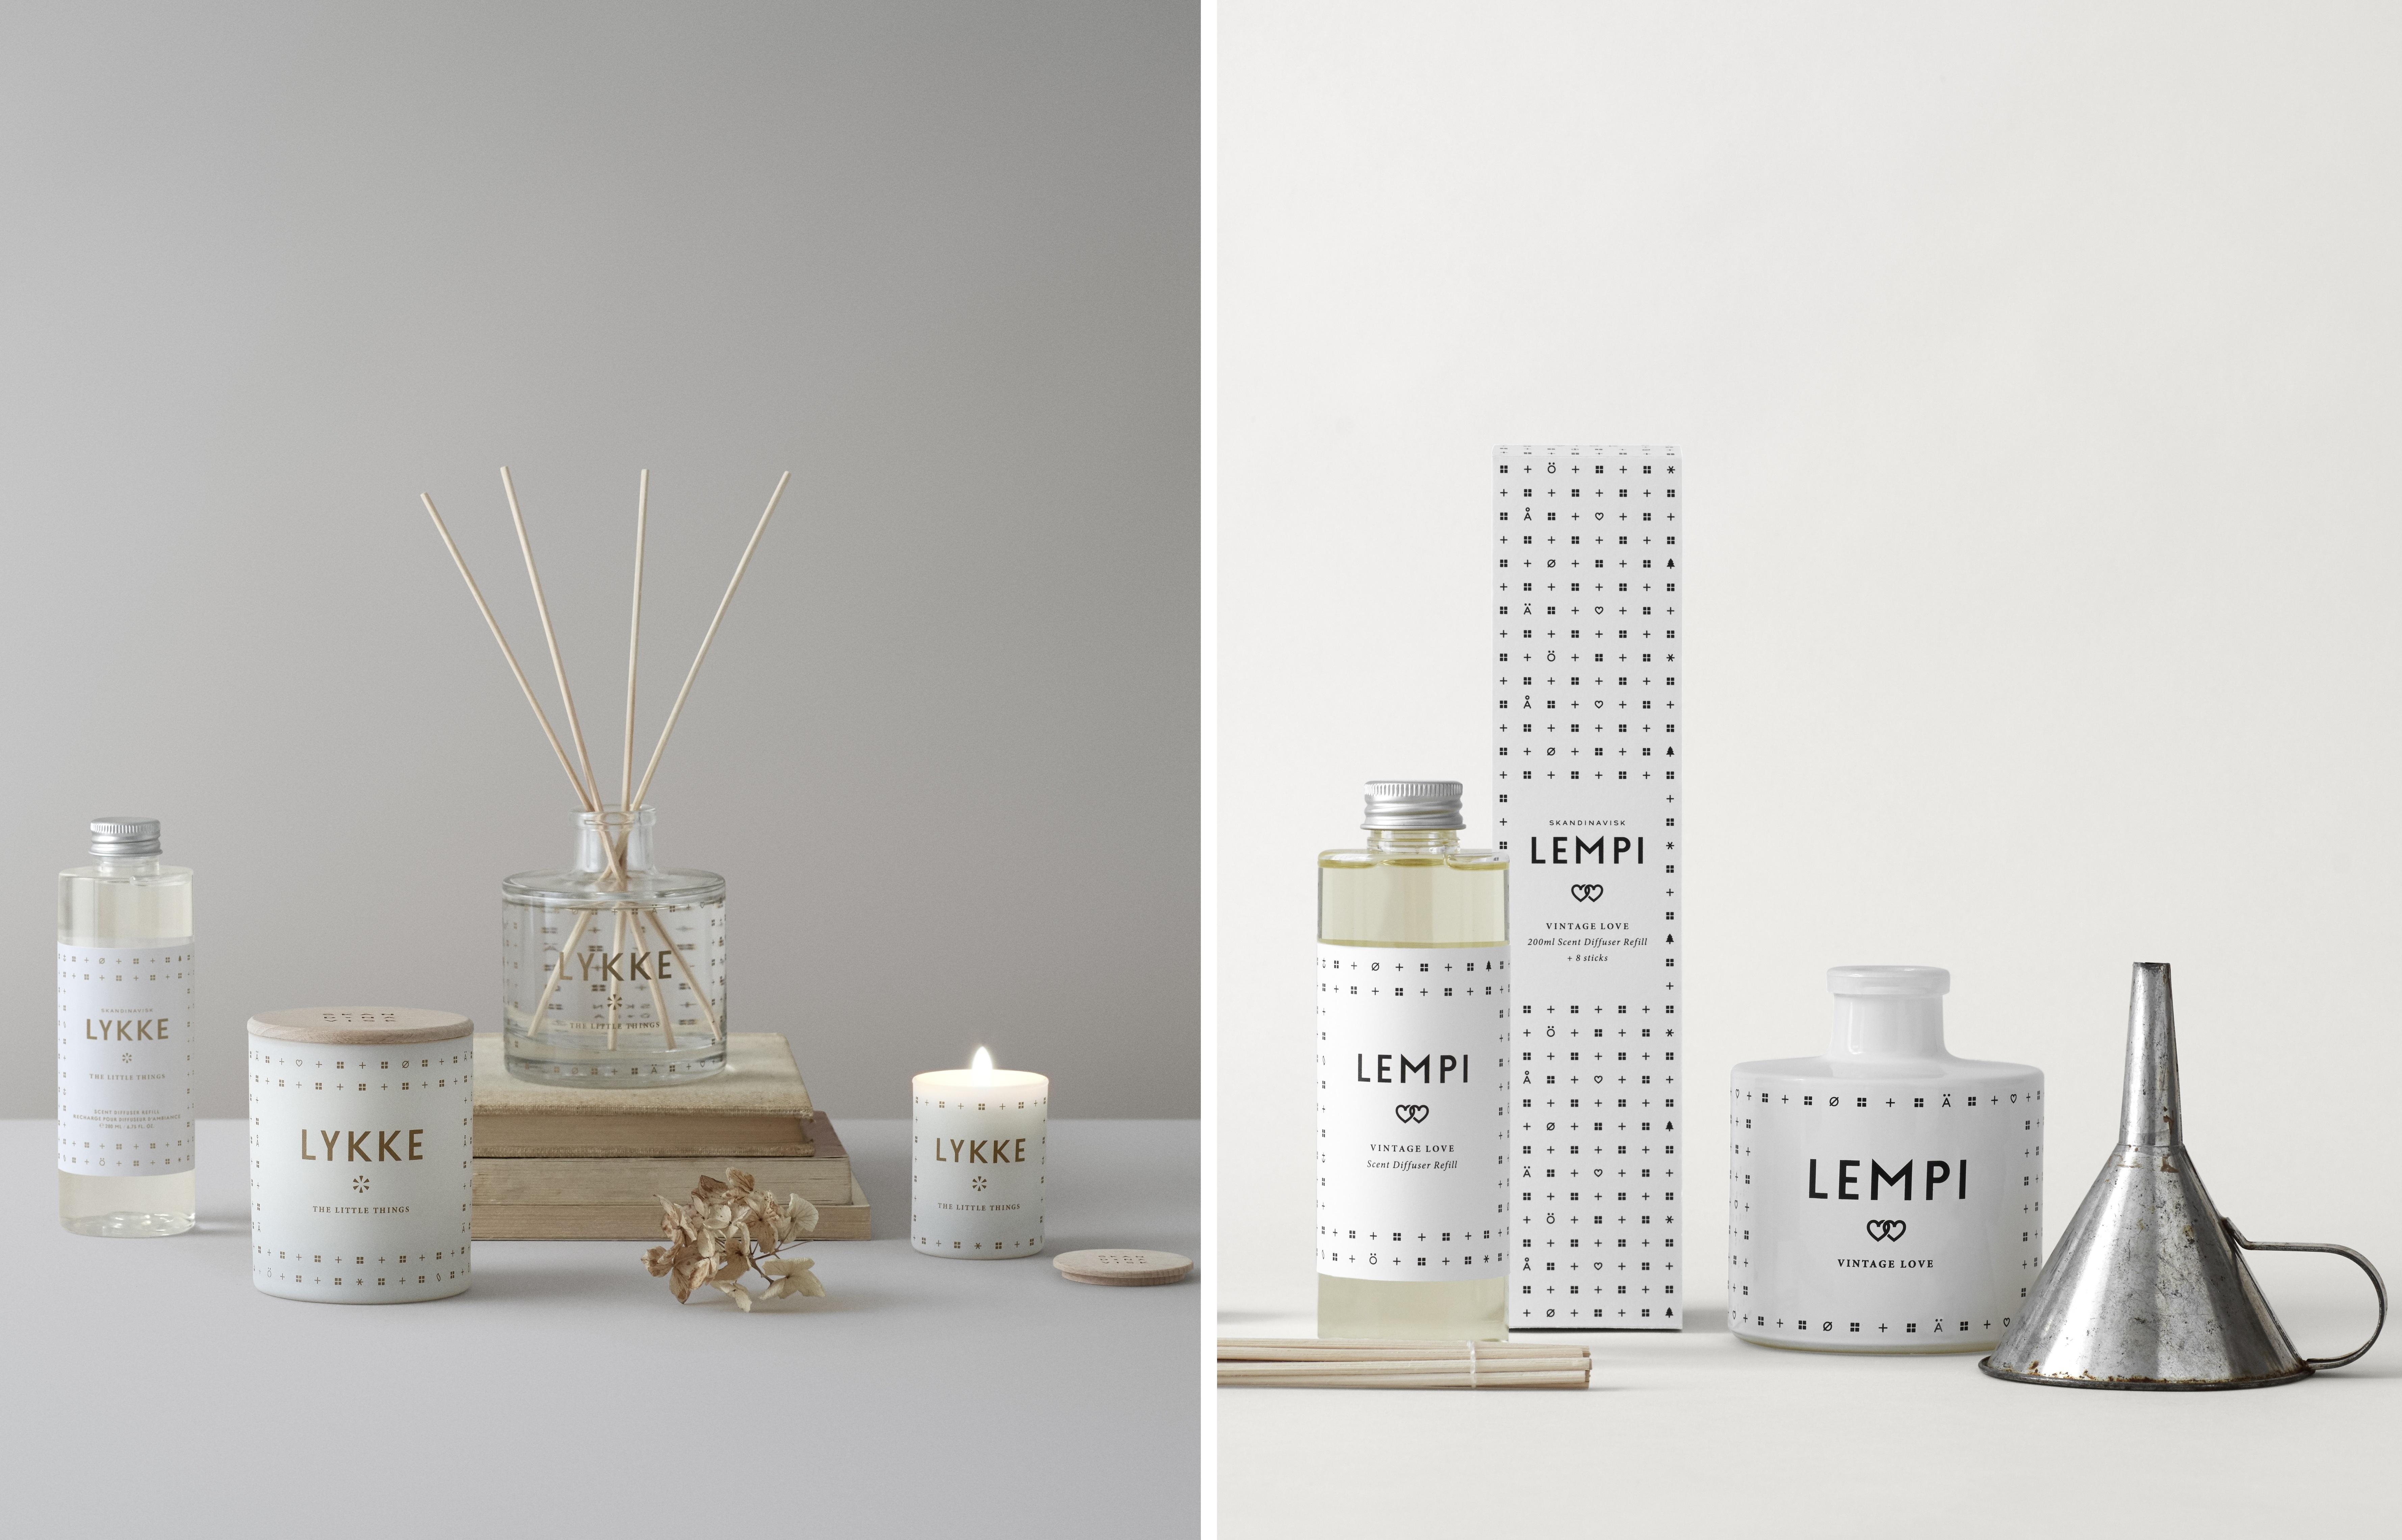 Svíčky a difuzéry Skandinavisk se dají považovat za svatební dary i přání novomanželům v jednom